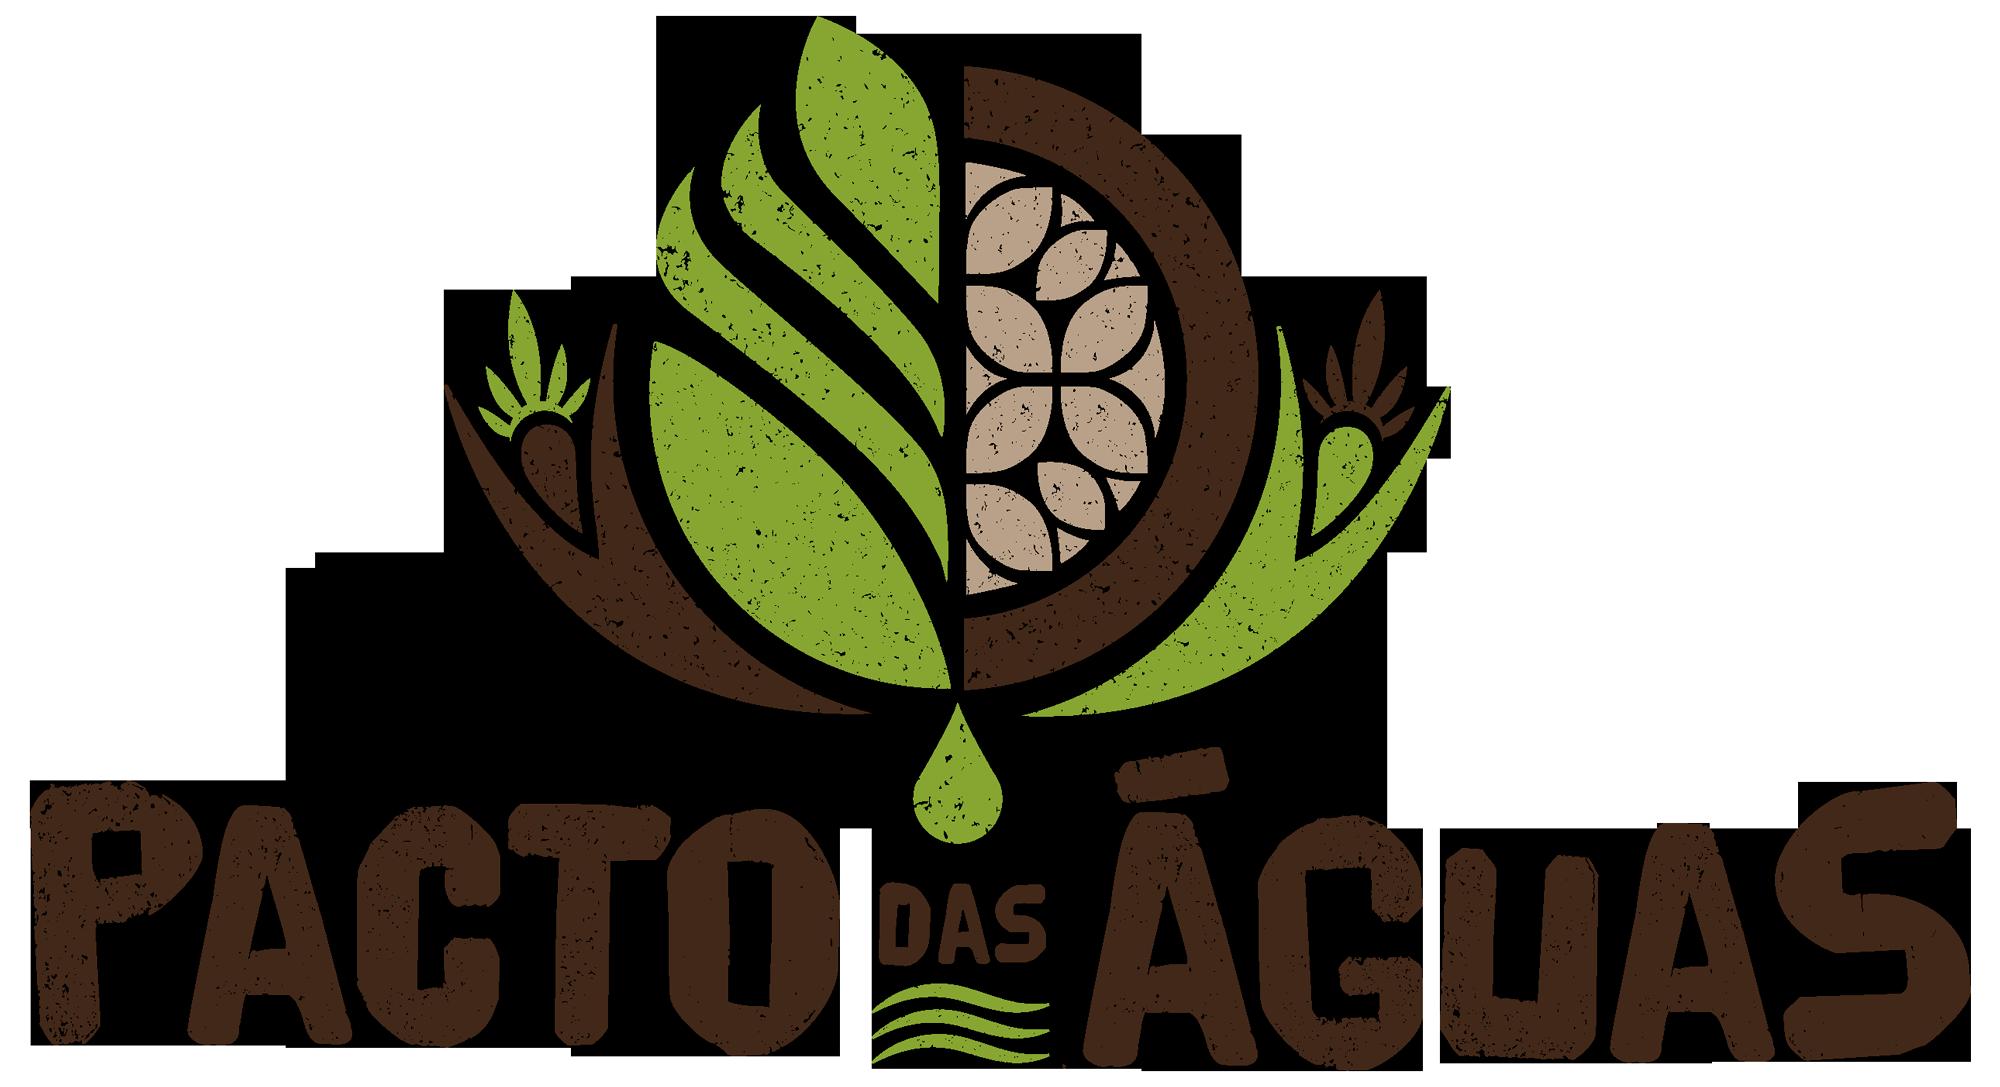 logomarca pacto das águas